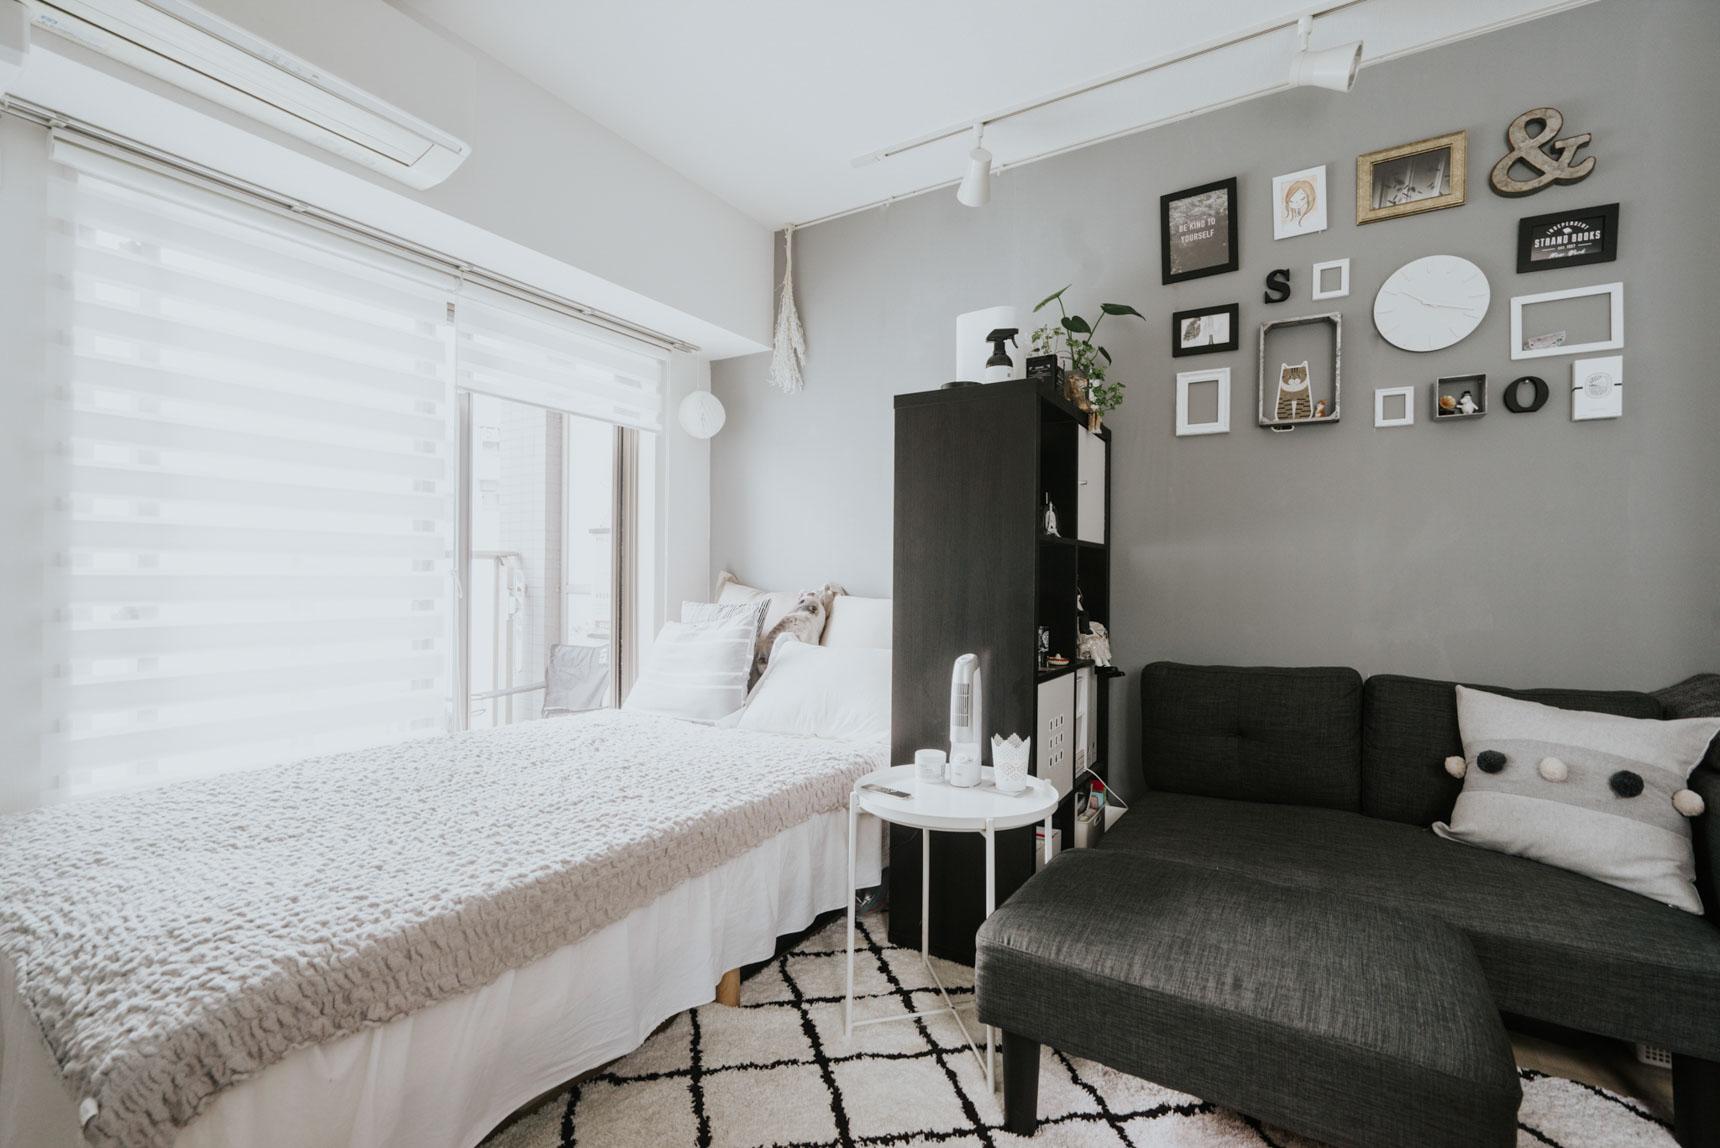 明るいグレーをアクセントクロスに選んで、アソートカラーを調節。黒に近いグレーの家具をアクセントにして全体を引き締めます。